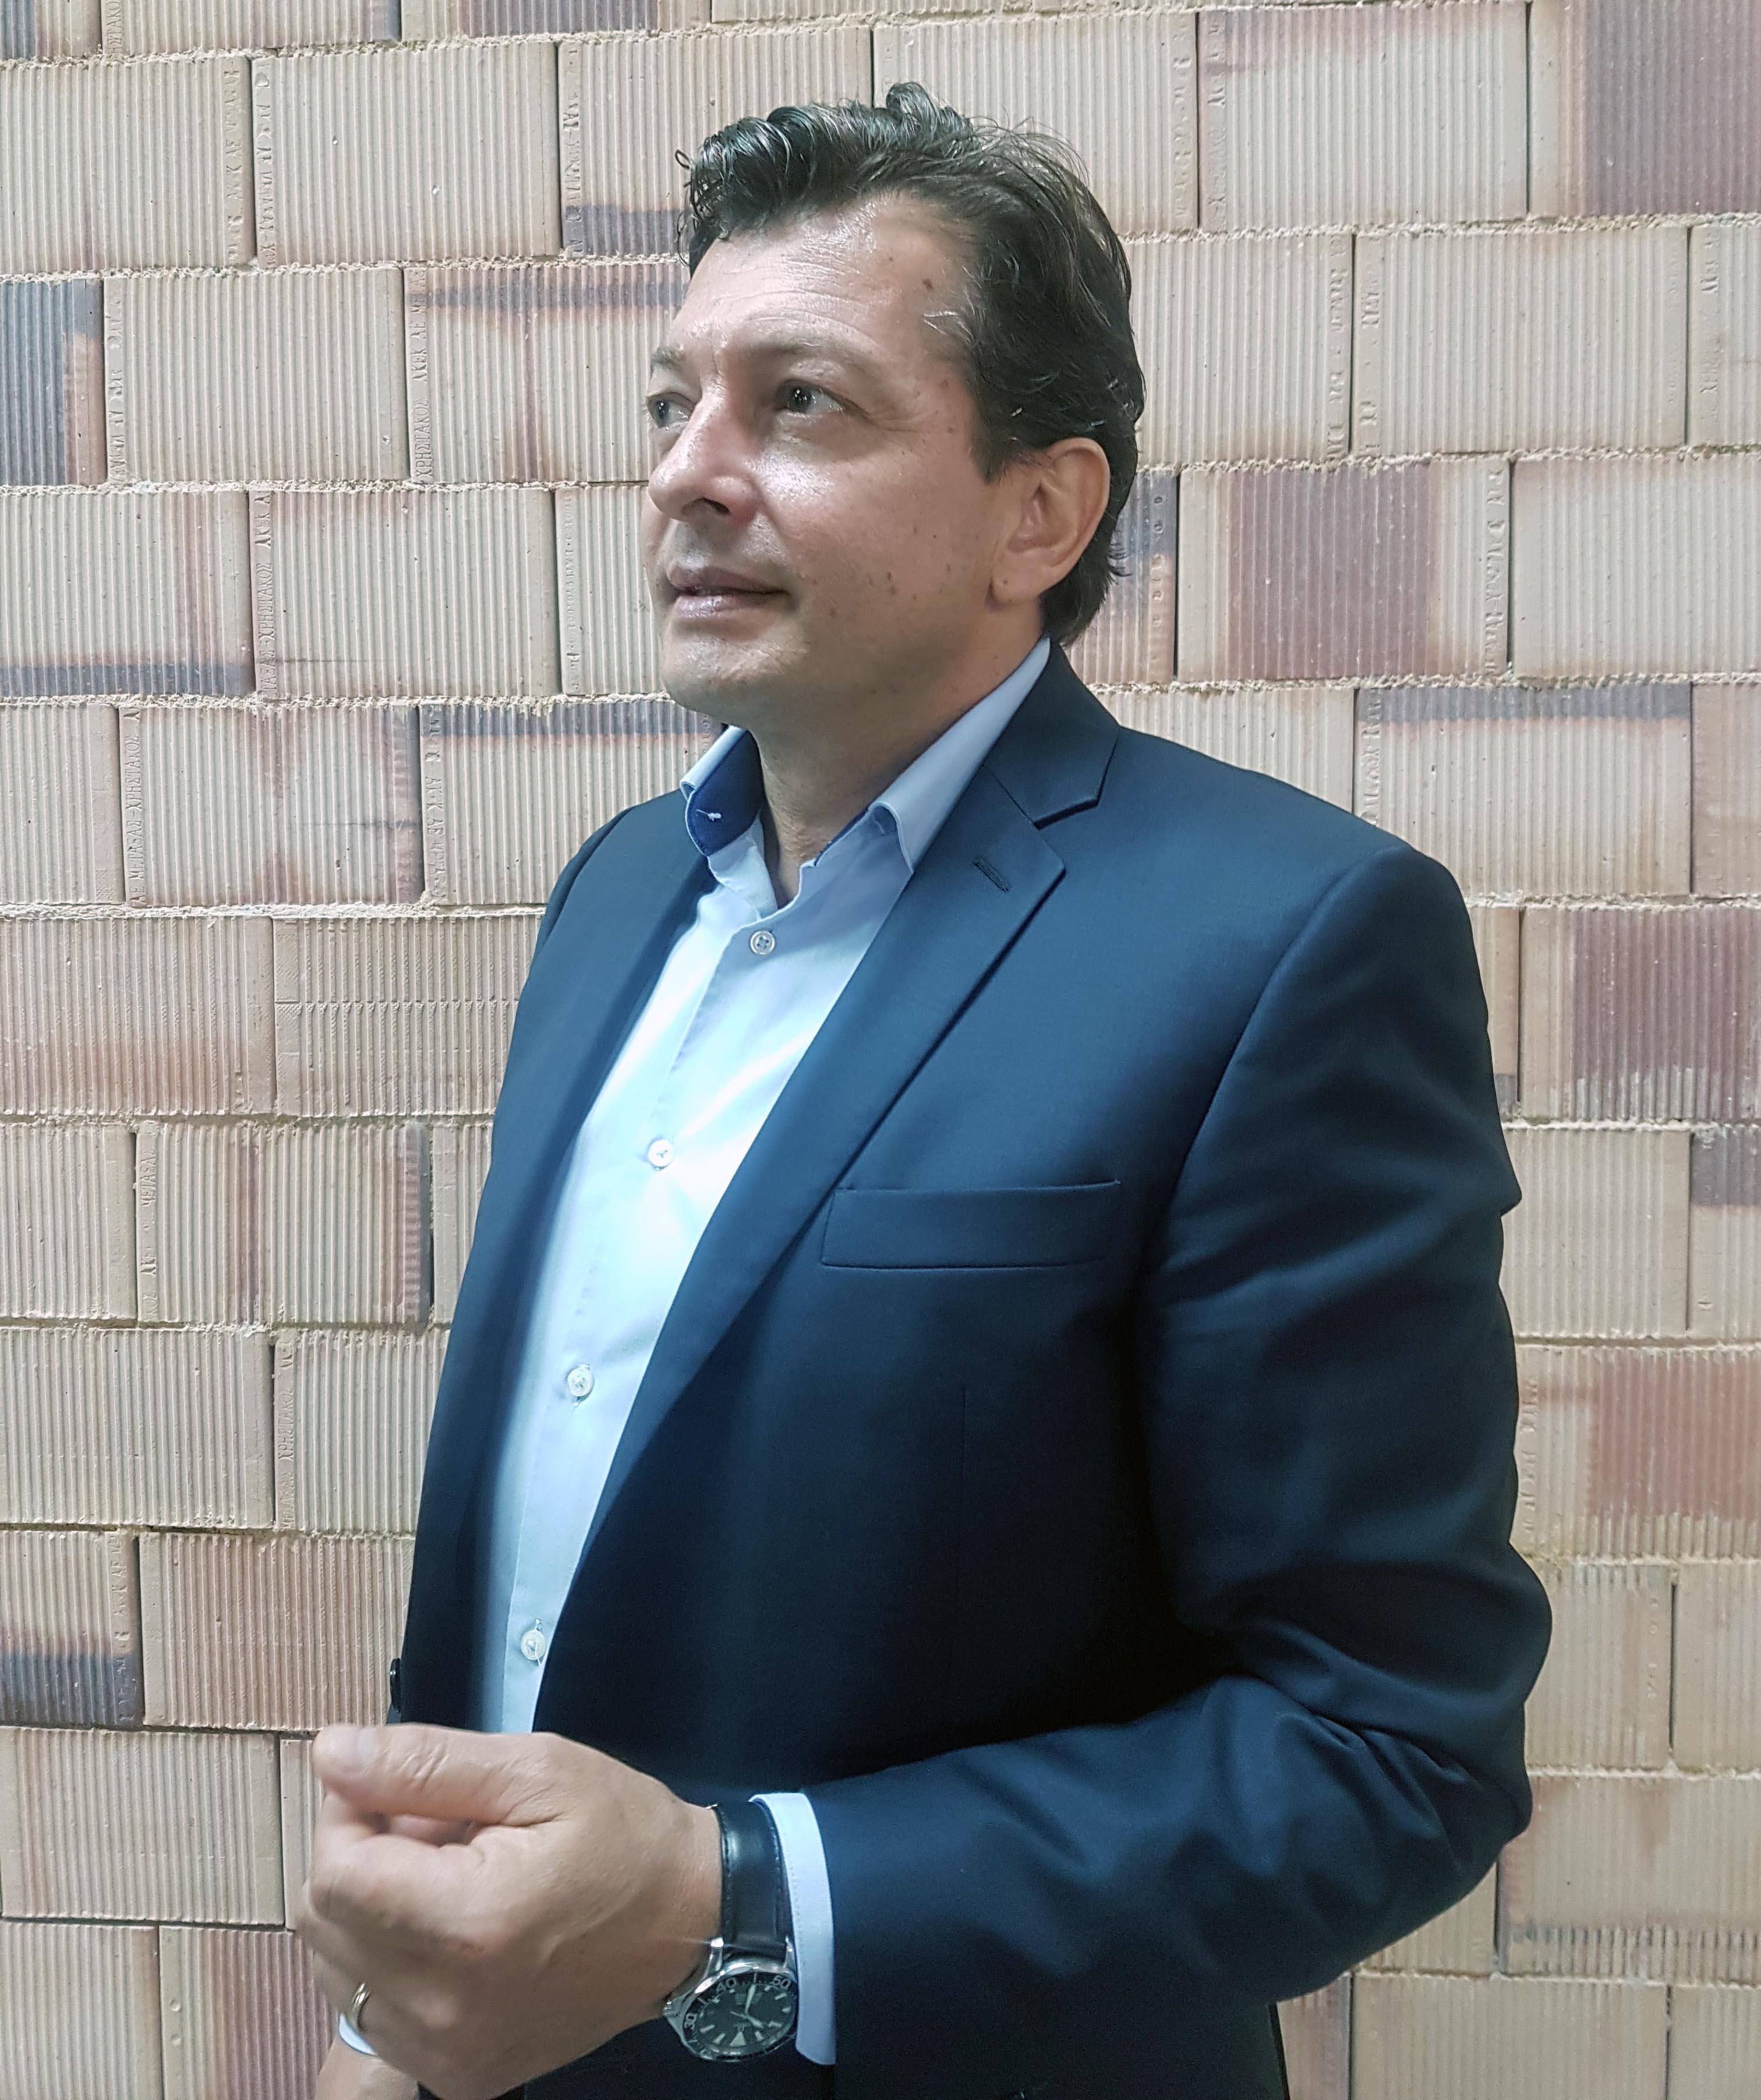 Giorgio Mangagniello